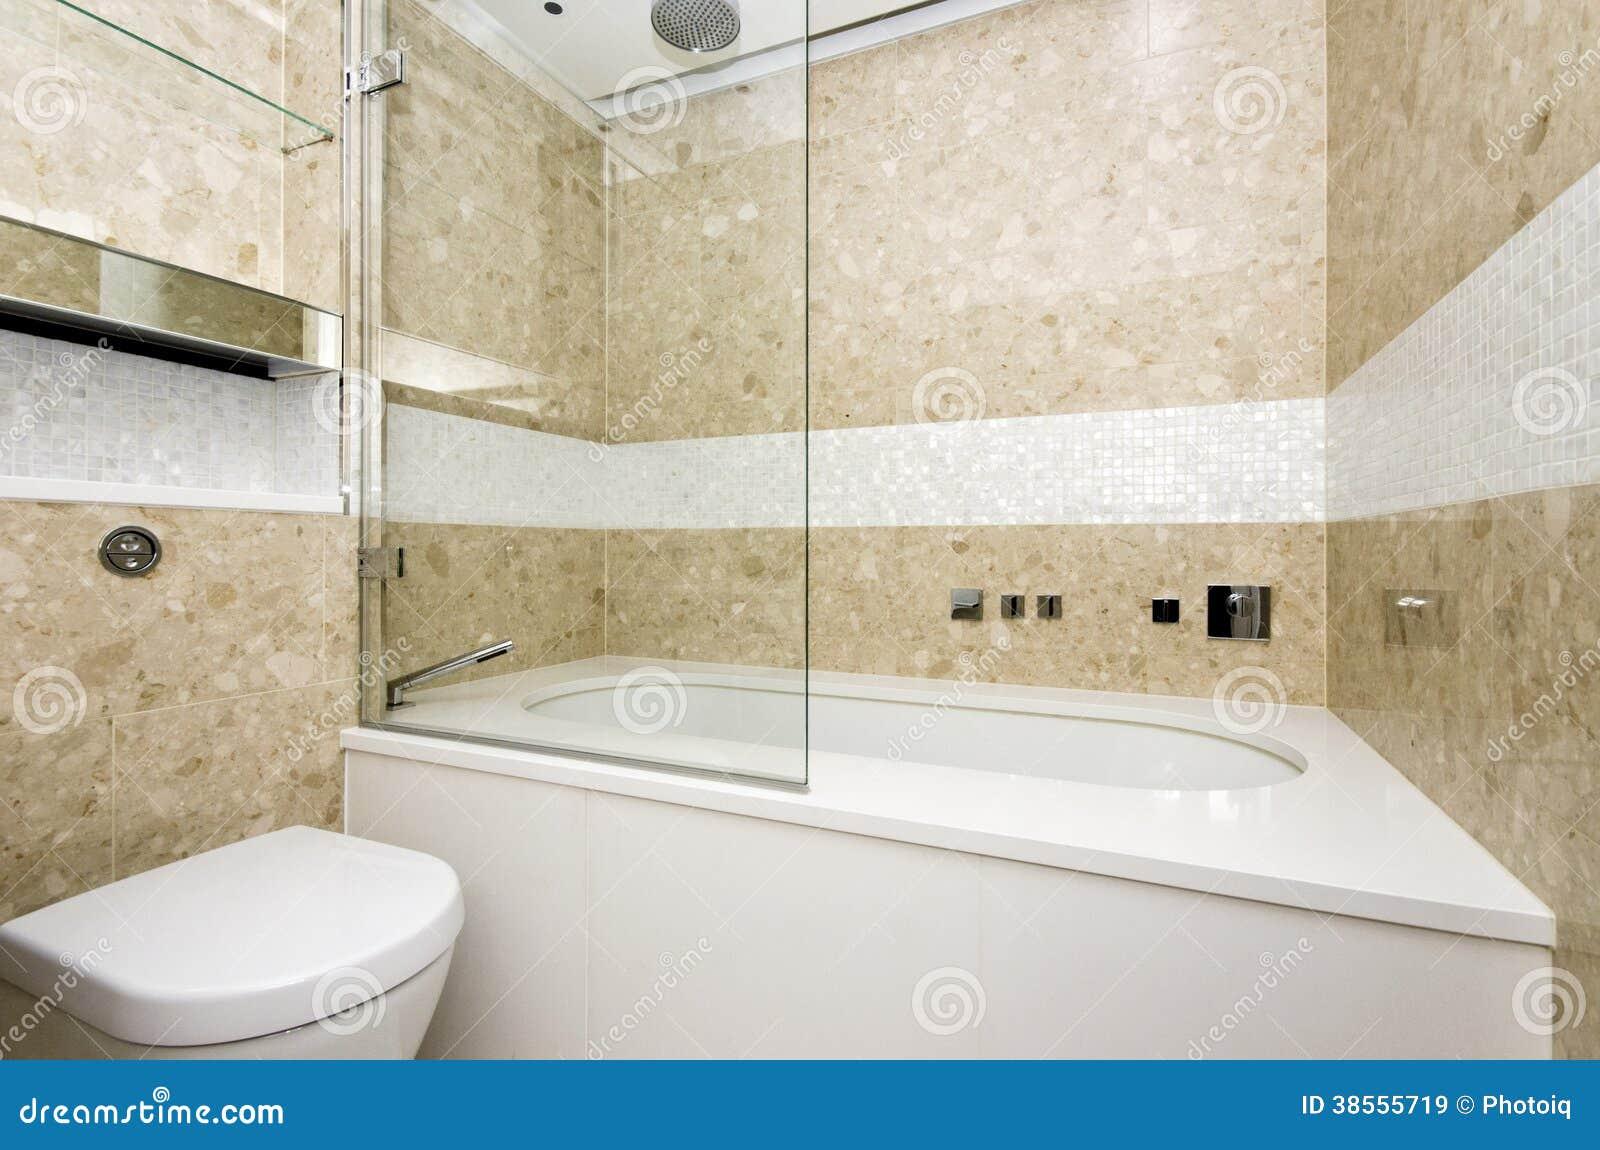 Il bagno alla moda con la grandi vasca e mosaico del progettista ha piastrellato il wa immagini - Mosaico vetro bagno ...